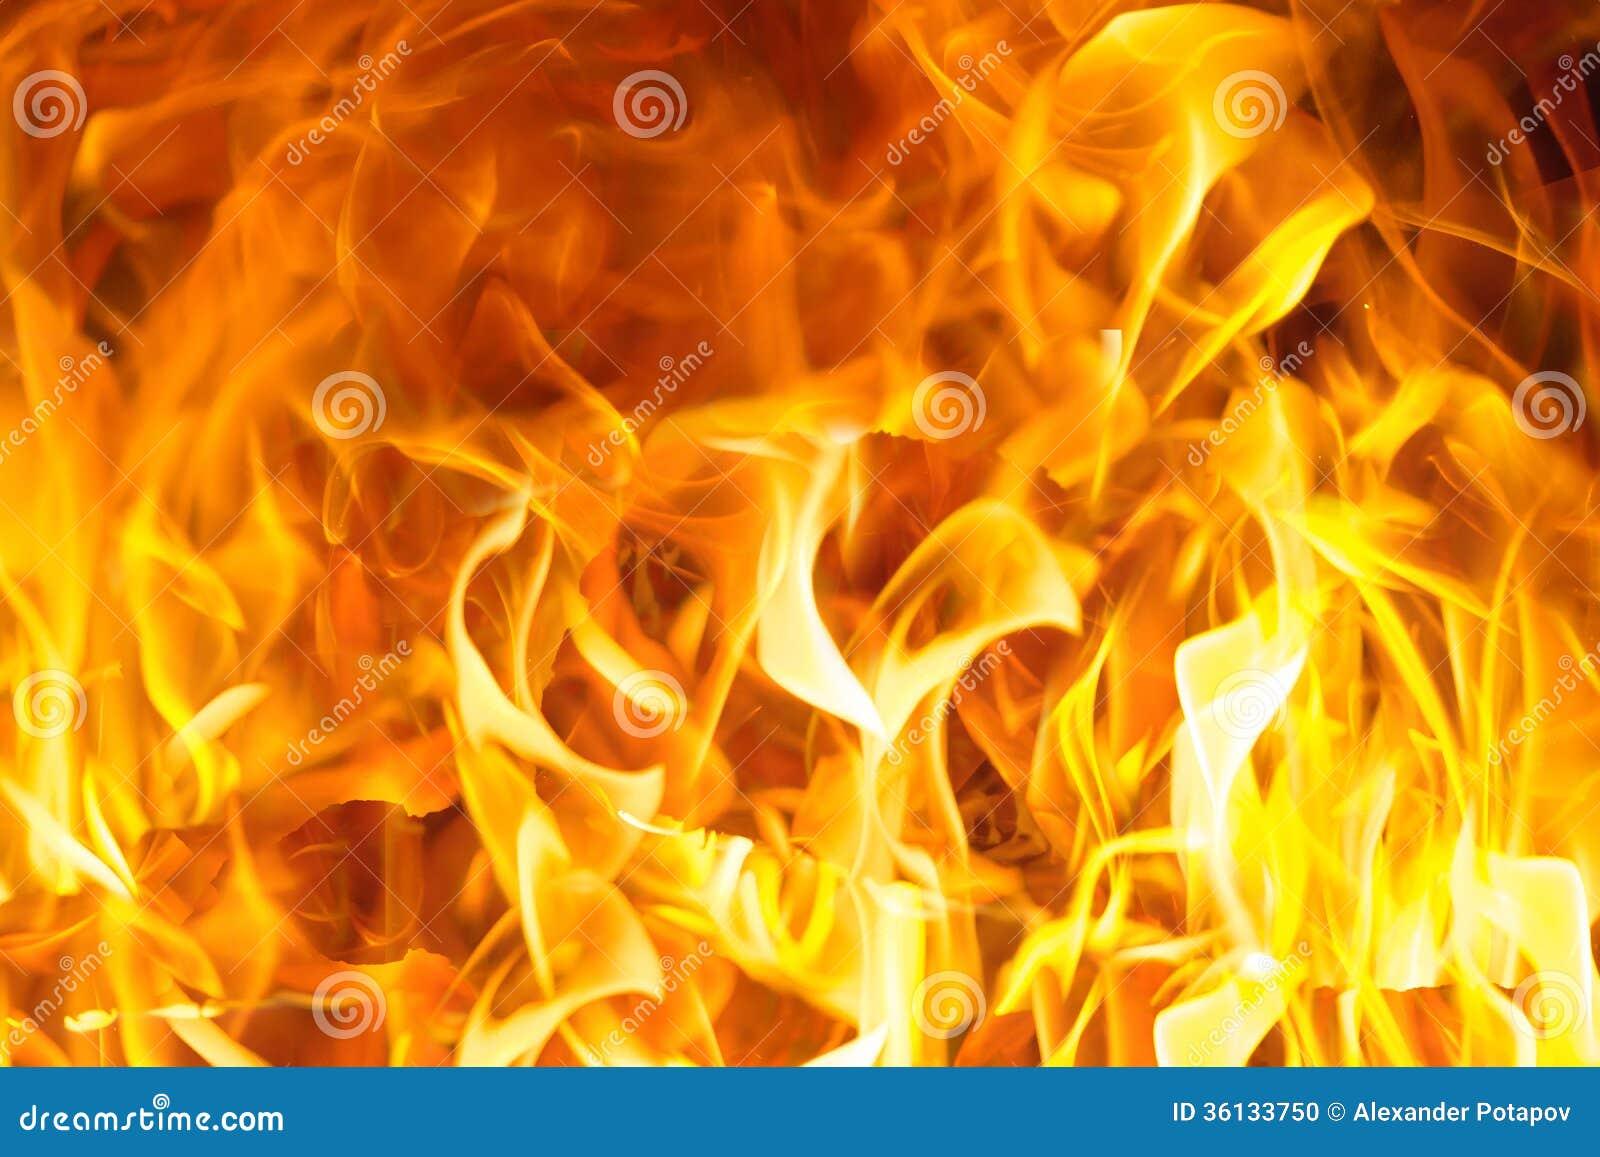 bright orange flame background stock photo image 36133750